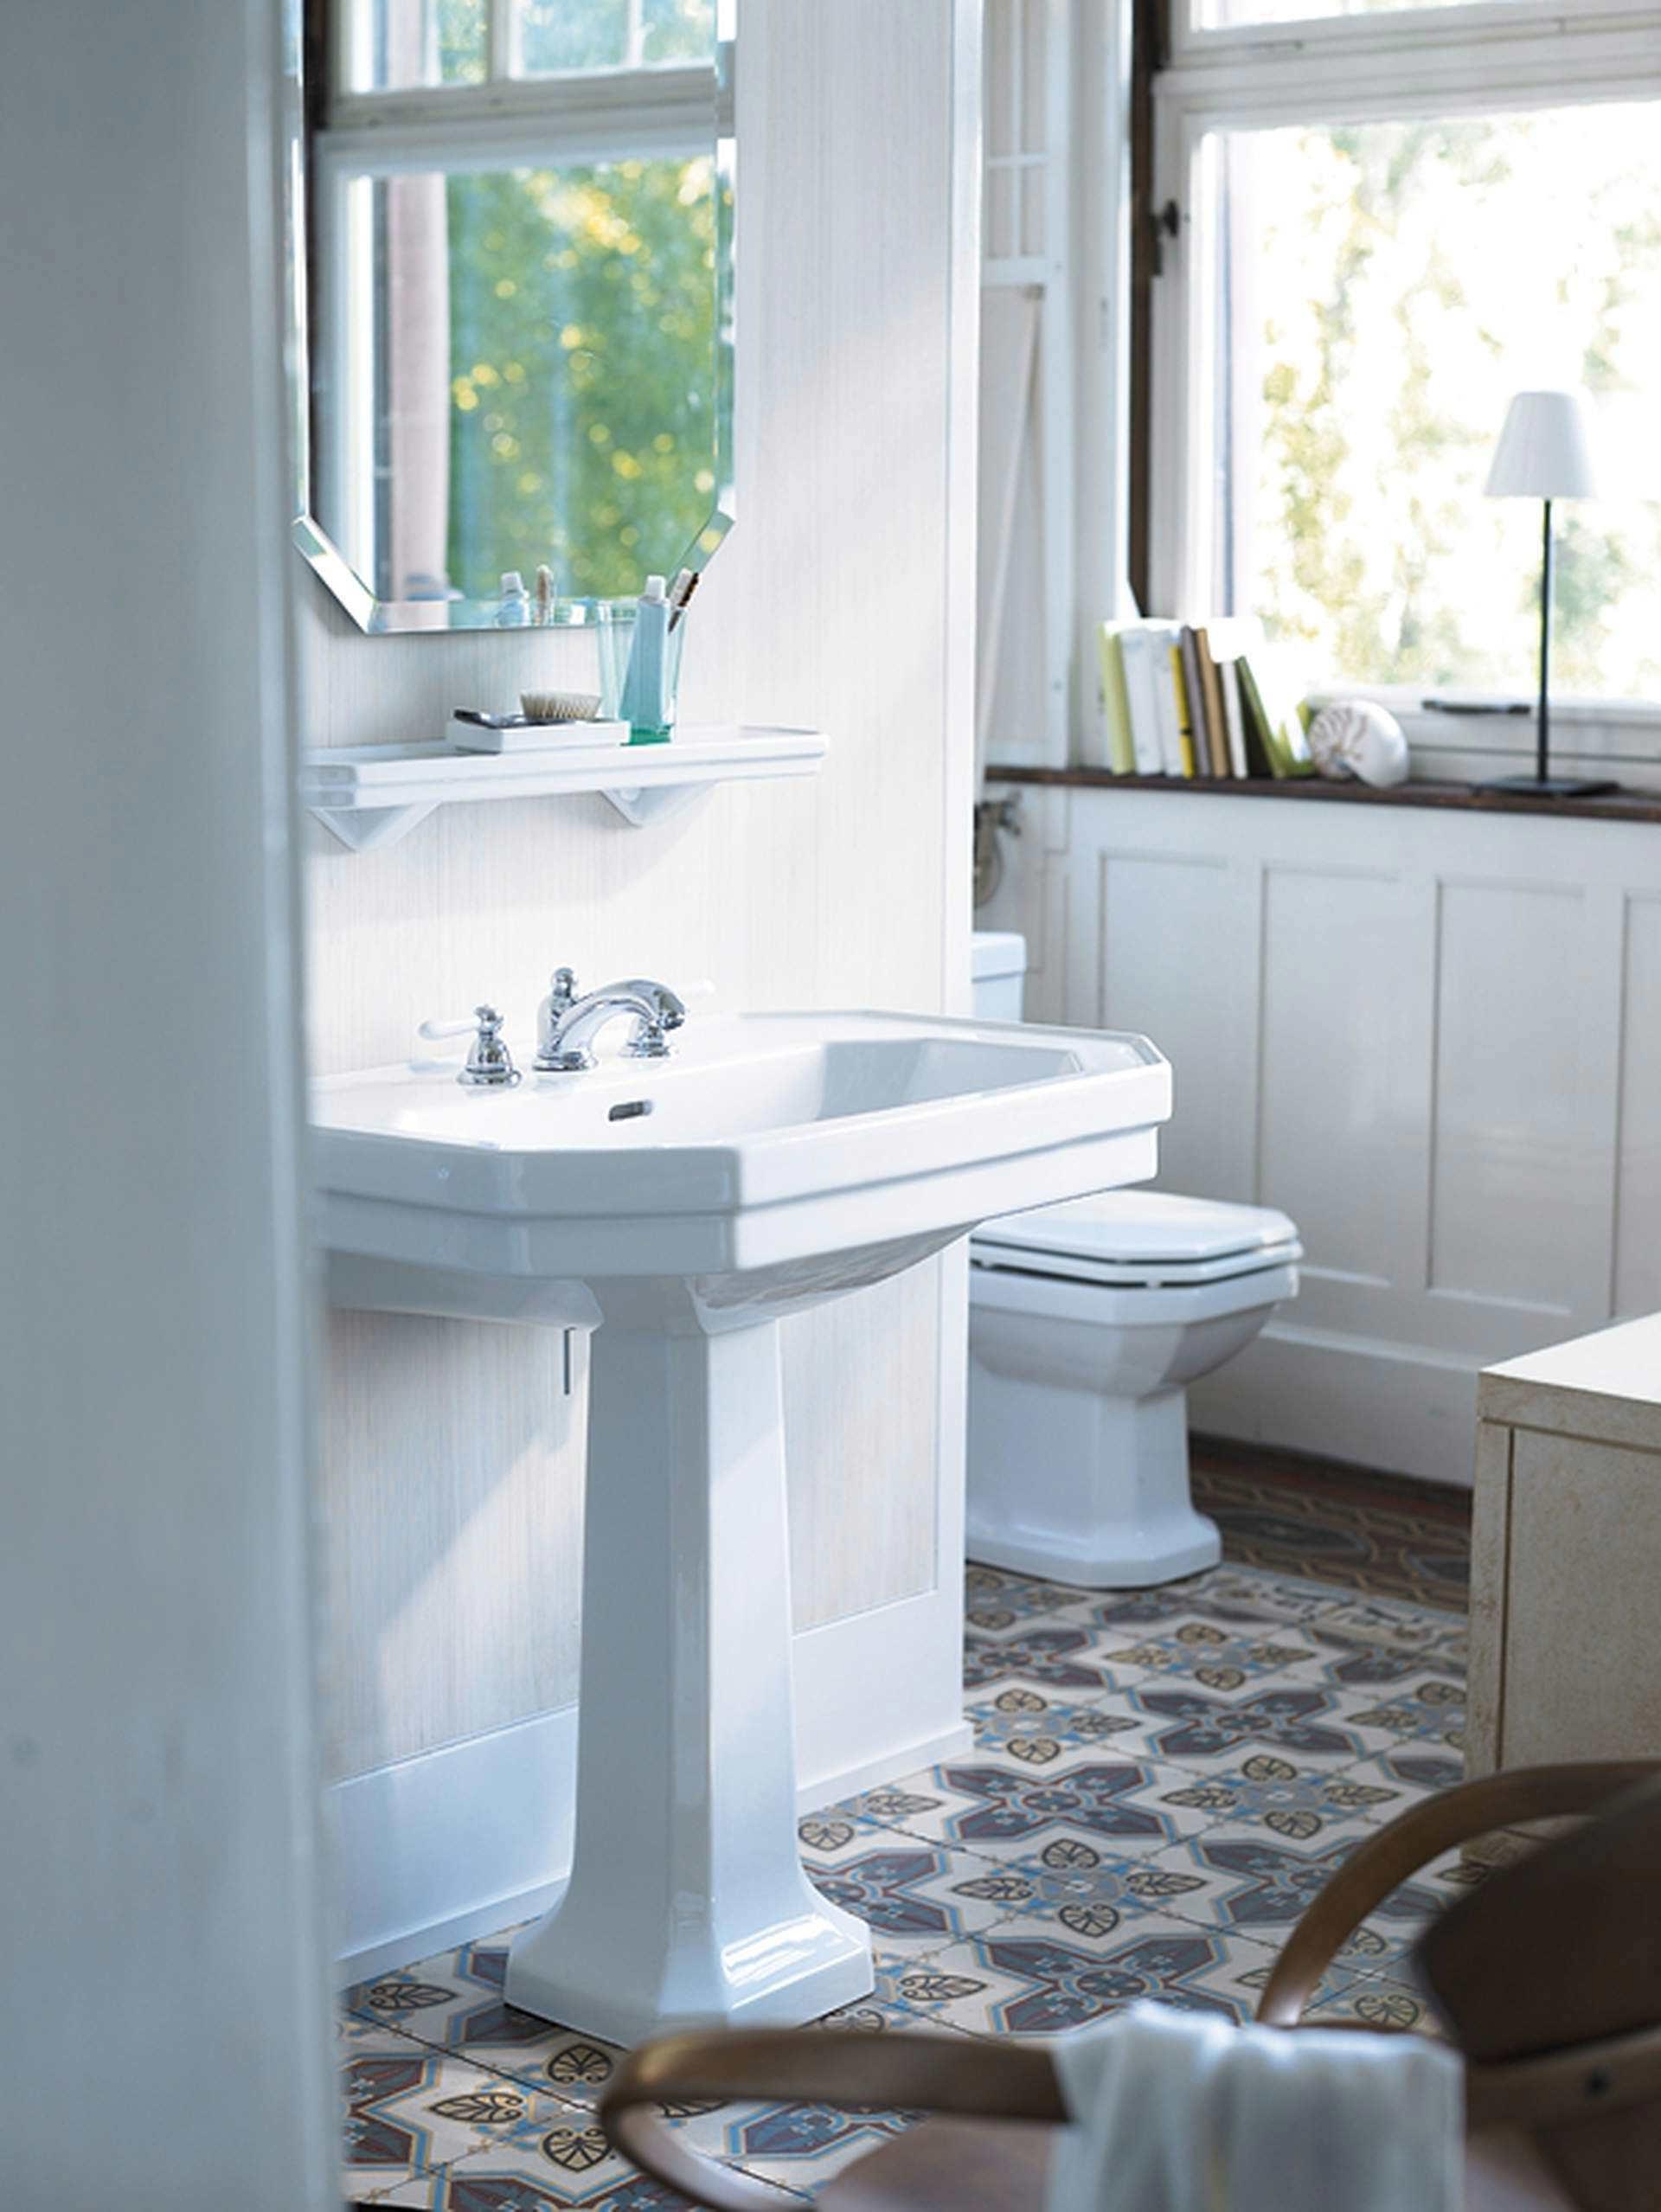 duravit 1930 series washbasin 700mm 0438700000. Black Bedroom Furniture Sets. Home Design Ideas